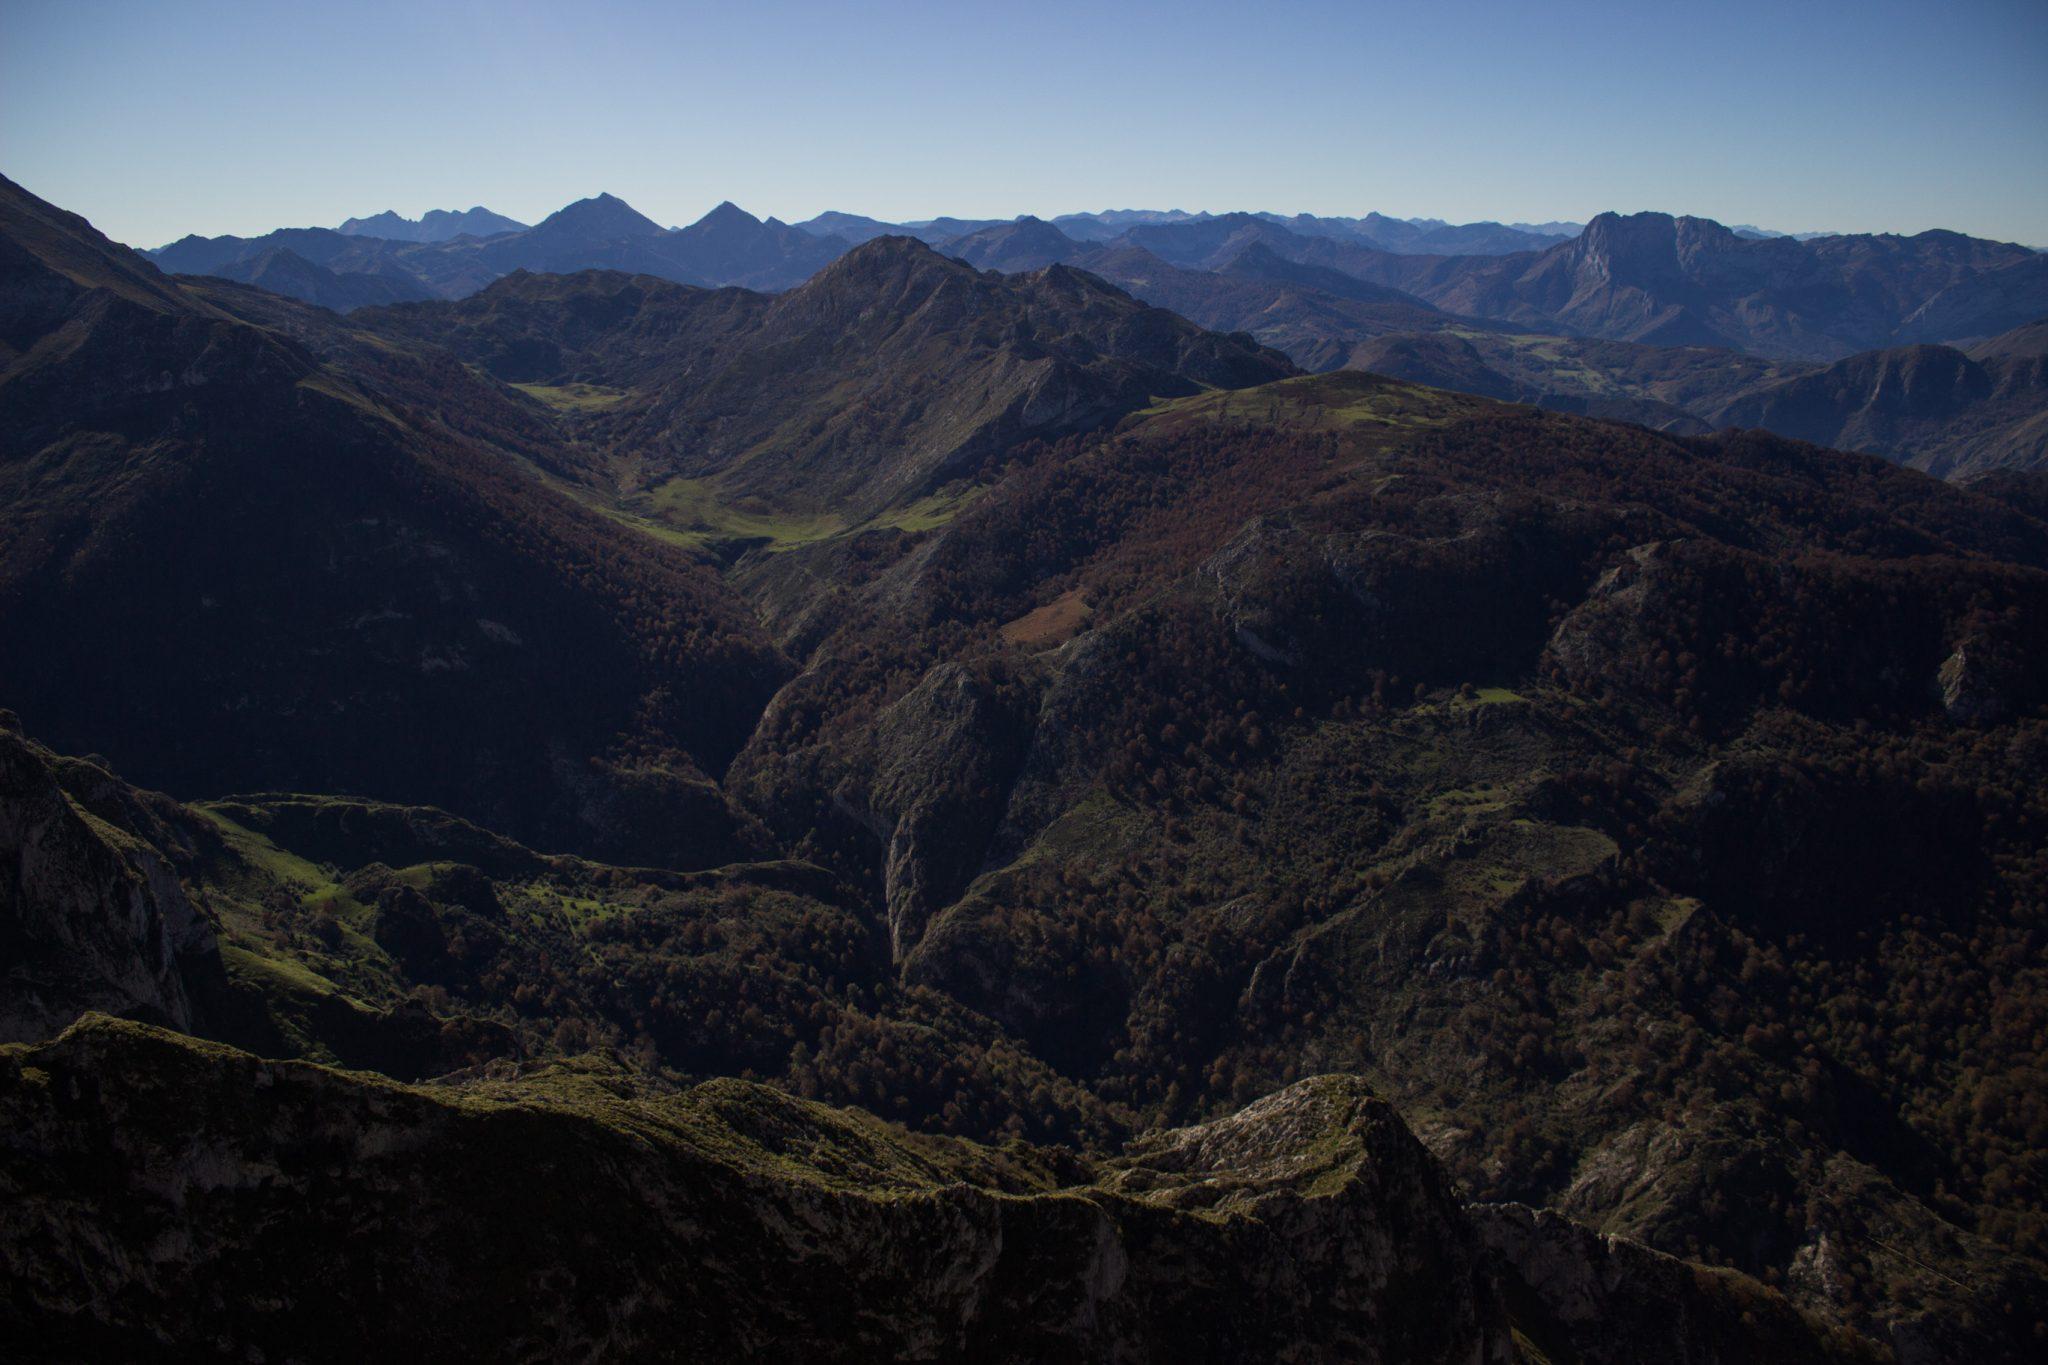 Wanderung Mirador de Ordiales Picos de Europa Spanien, sehr beeindruckende Sicht beim Ziel der Wanderung, dem Aussichtspunkt Mirador de Ordiales, Bergpanorama